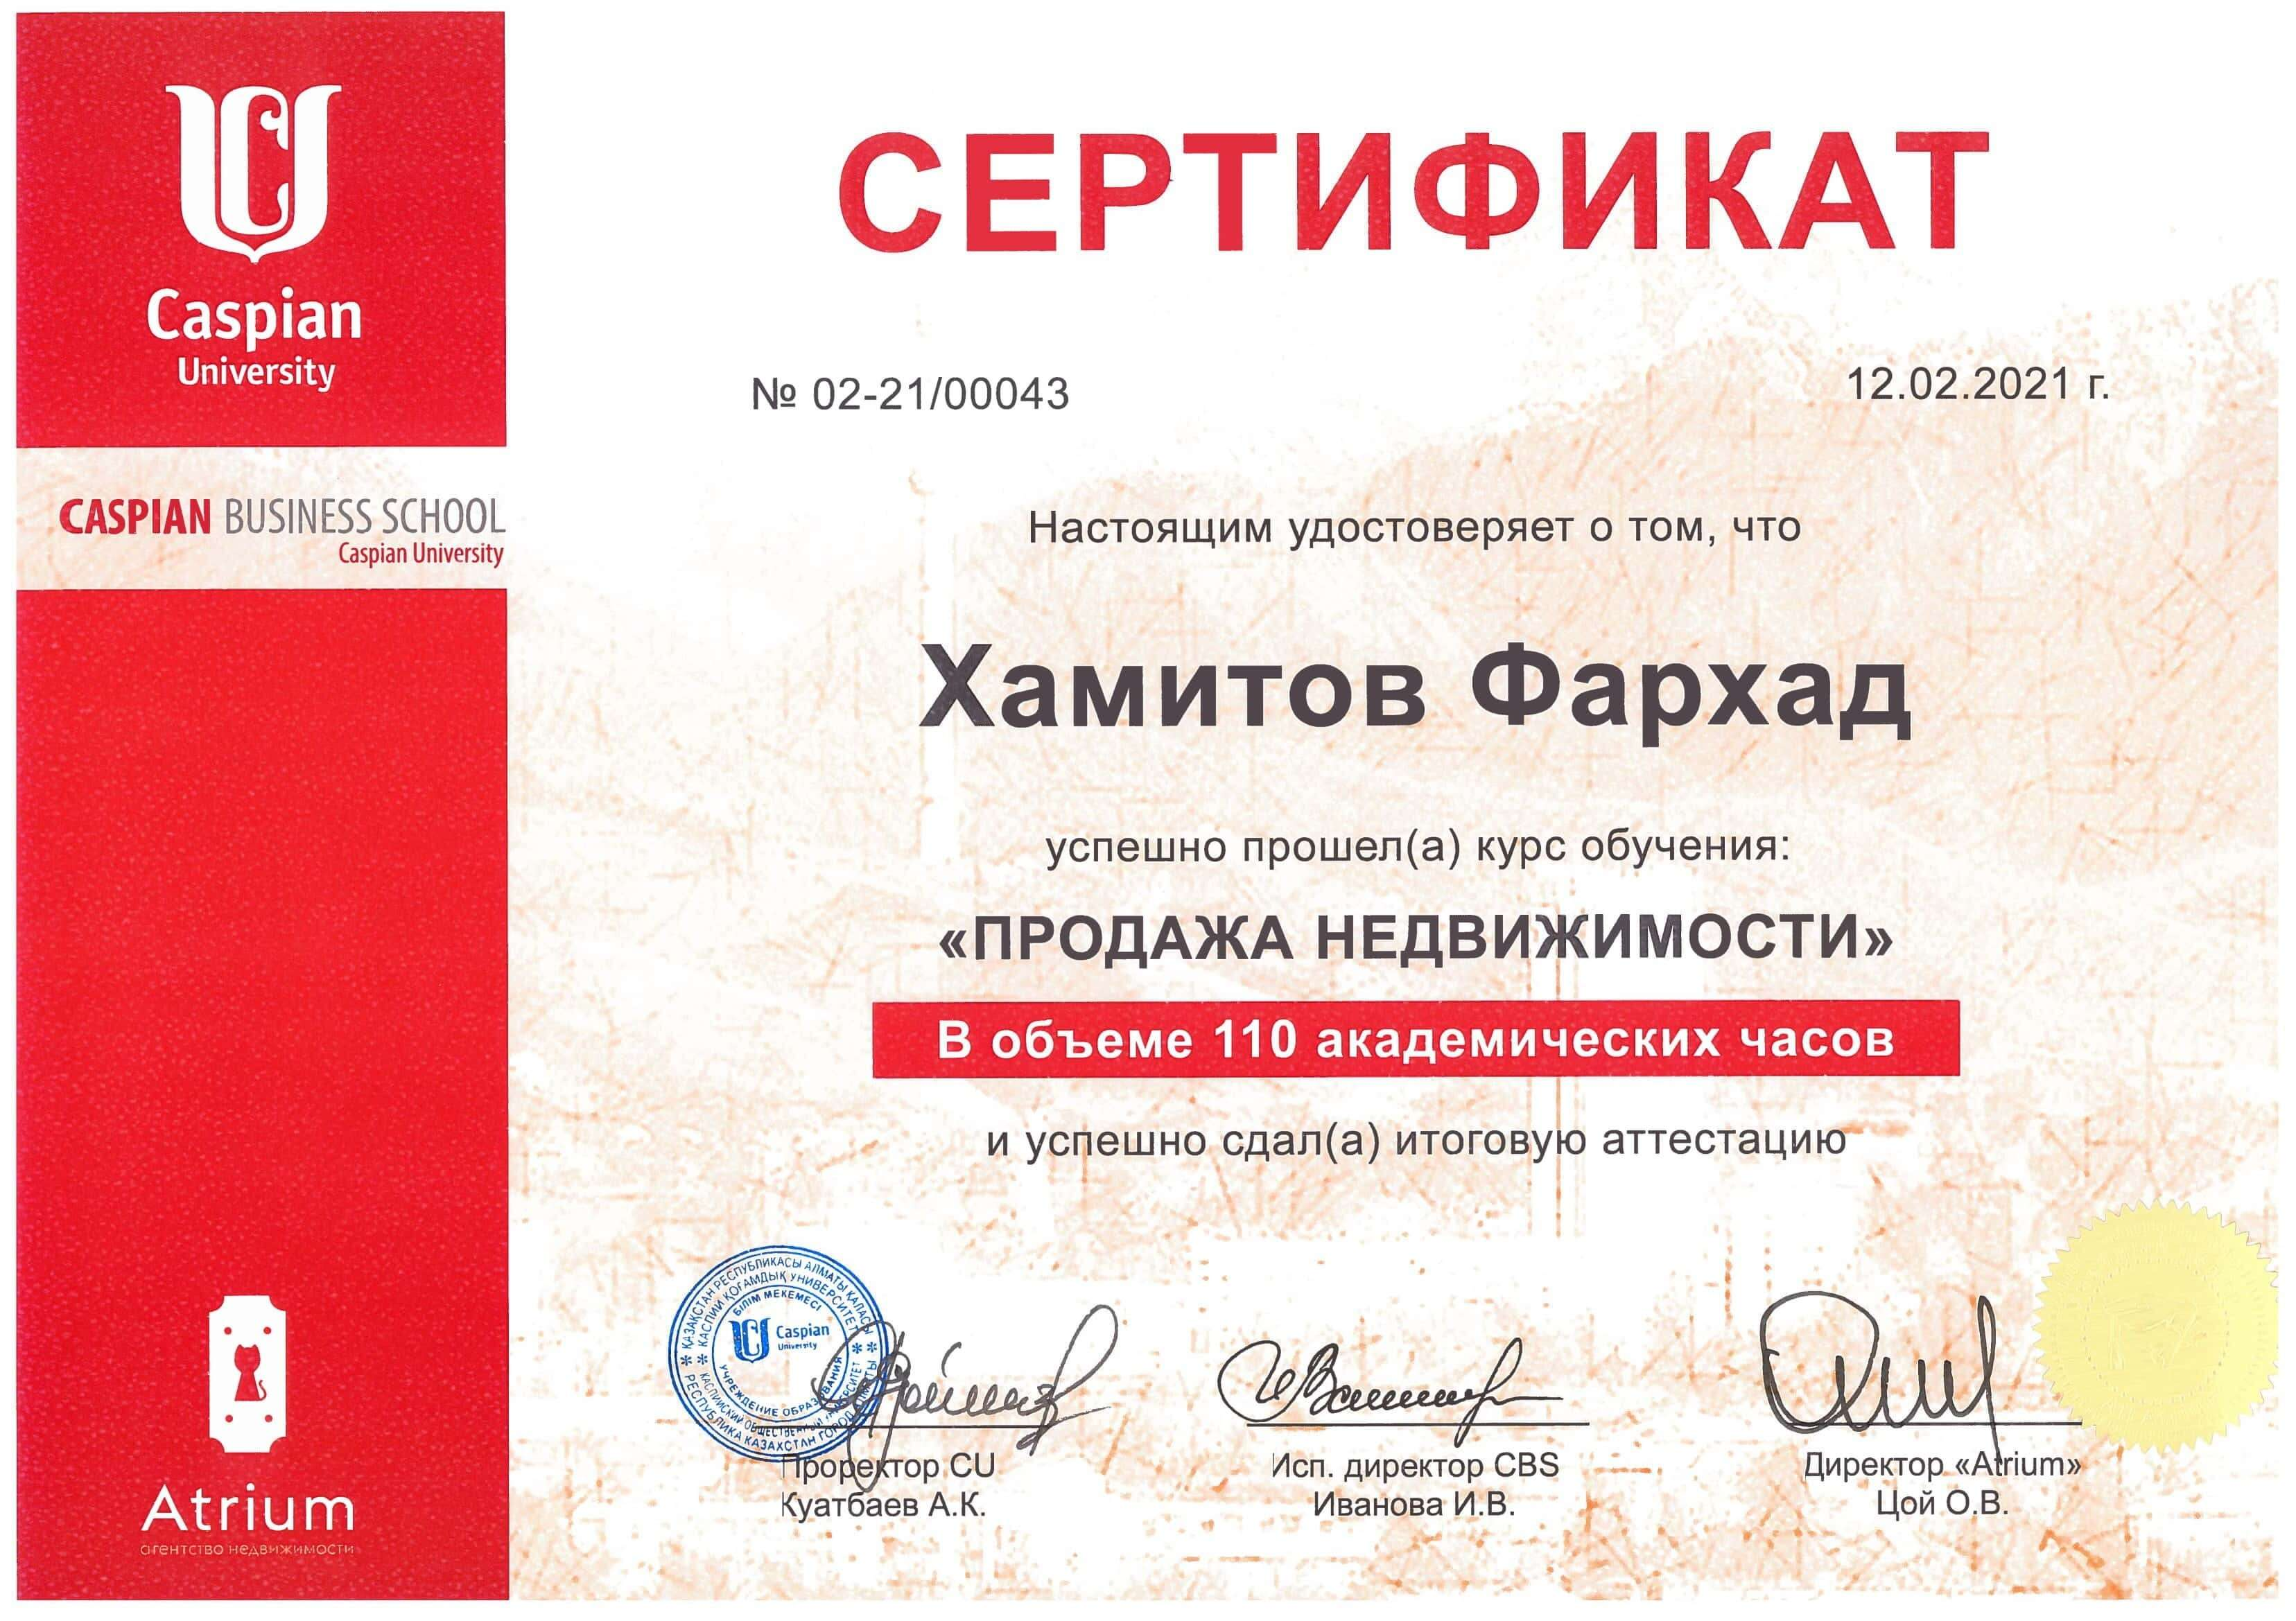 """Сертификат о прохождении курса обучения """"Продажа недвижимости"""""""